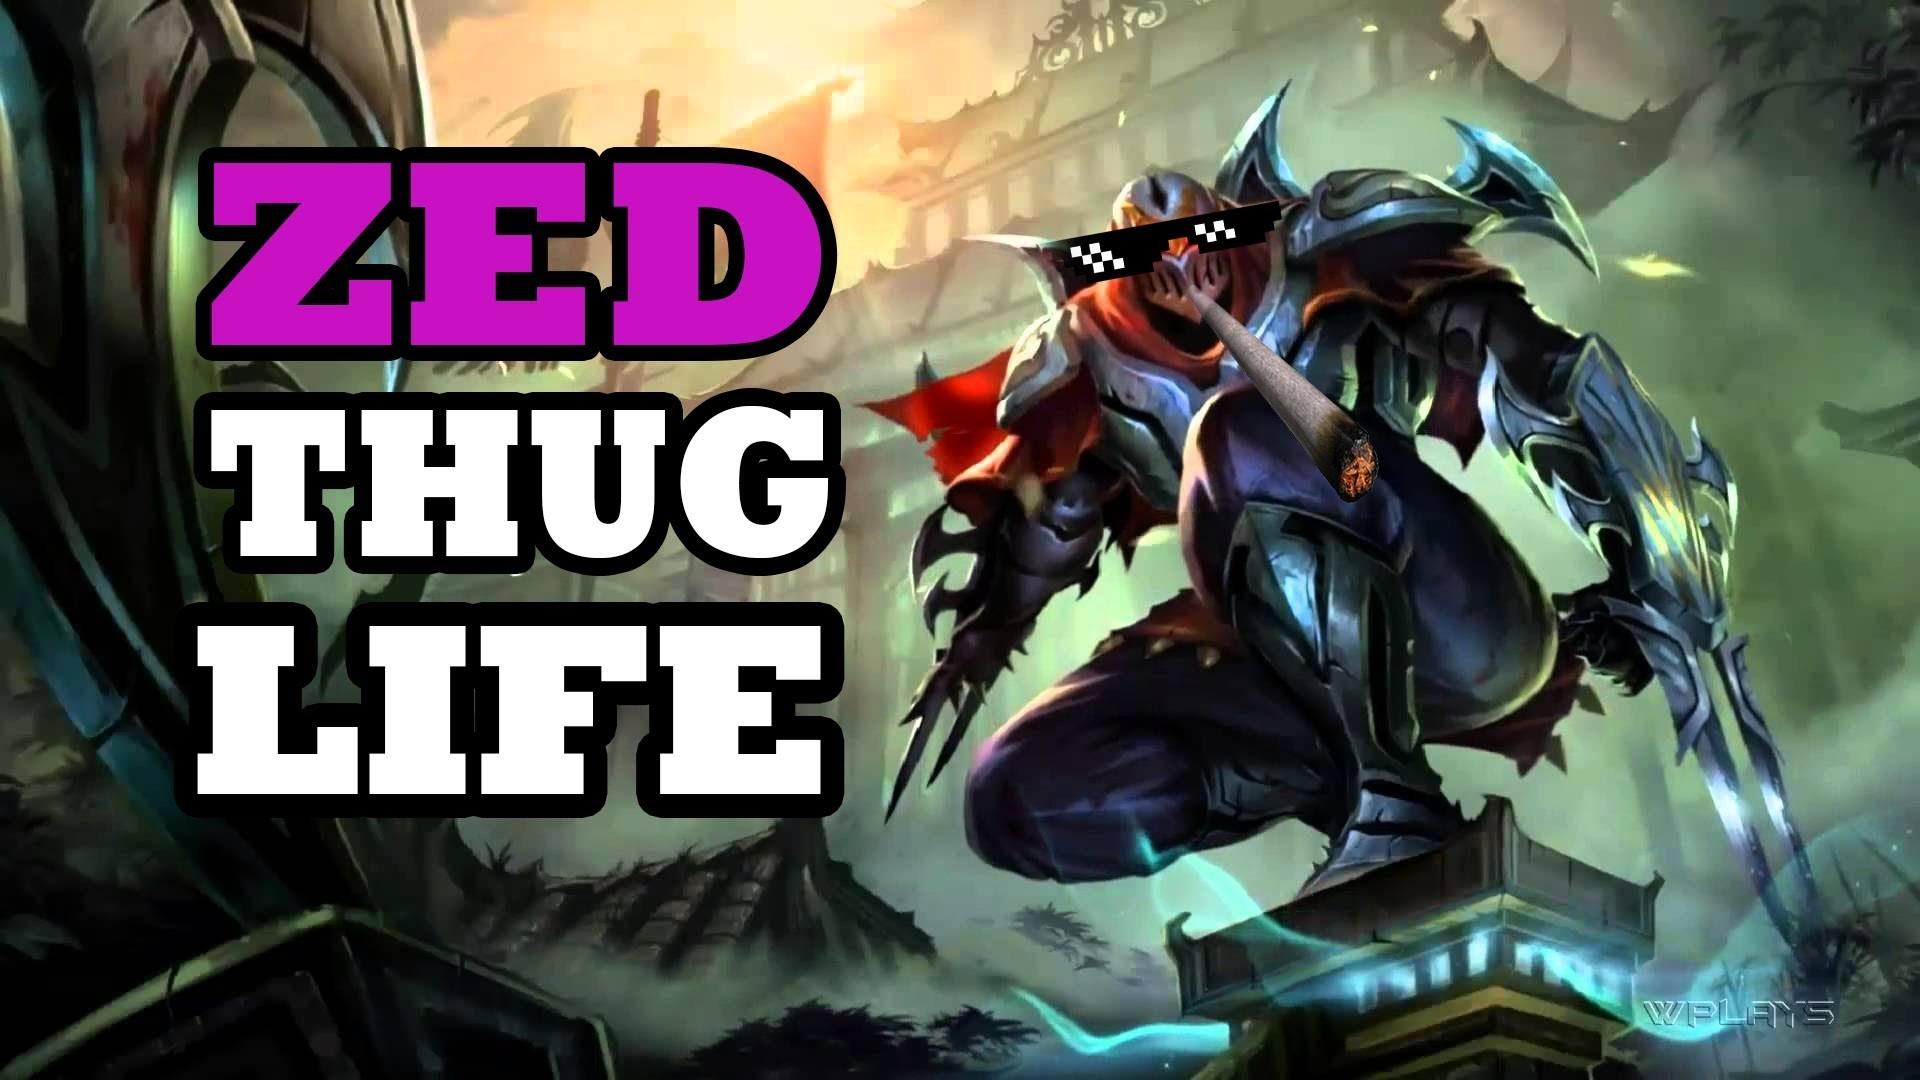 #Thug Life – Zed